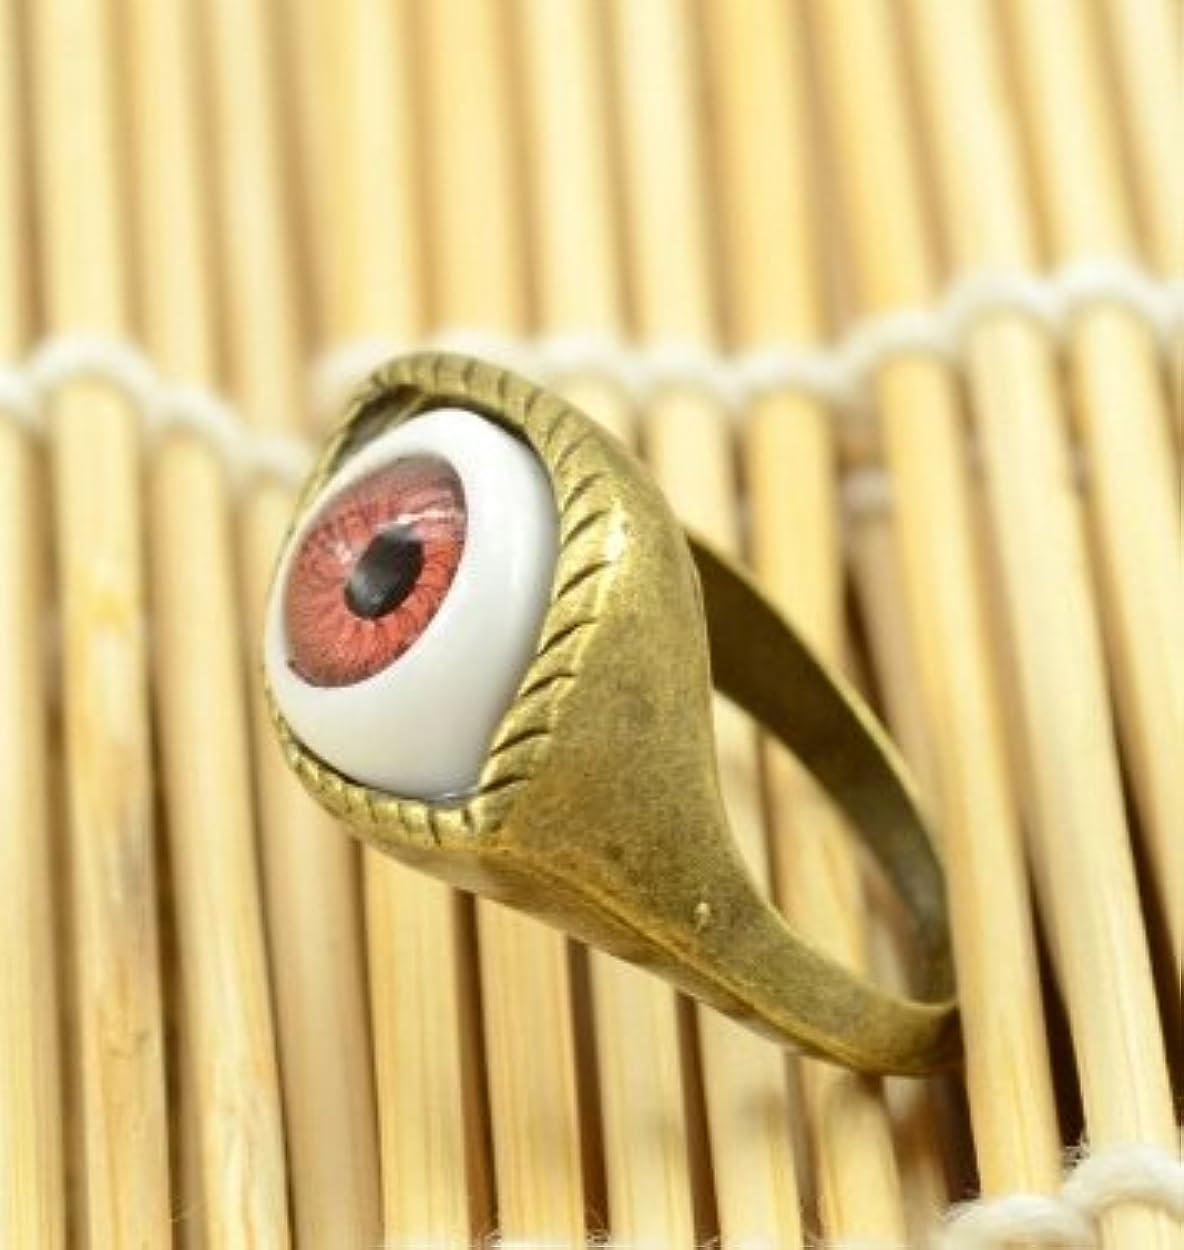 村キノコ痴漢Jicorzo - ヨーロッパと米国のゴシックパンク風のレトロな青と茶色の鬼の目のリング宝石の1pcsを誇張[ブラウン]